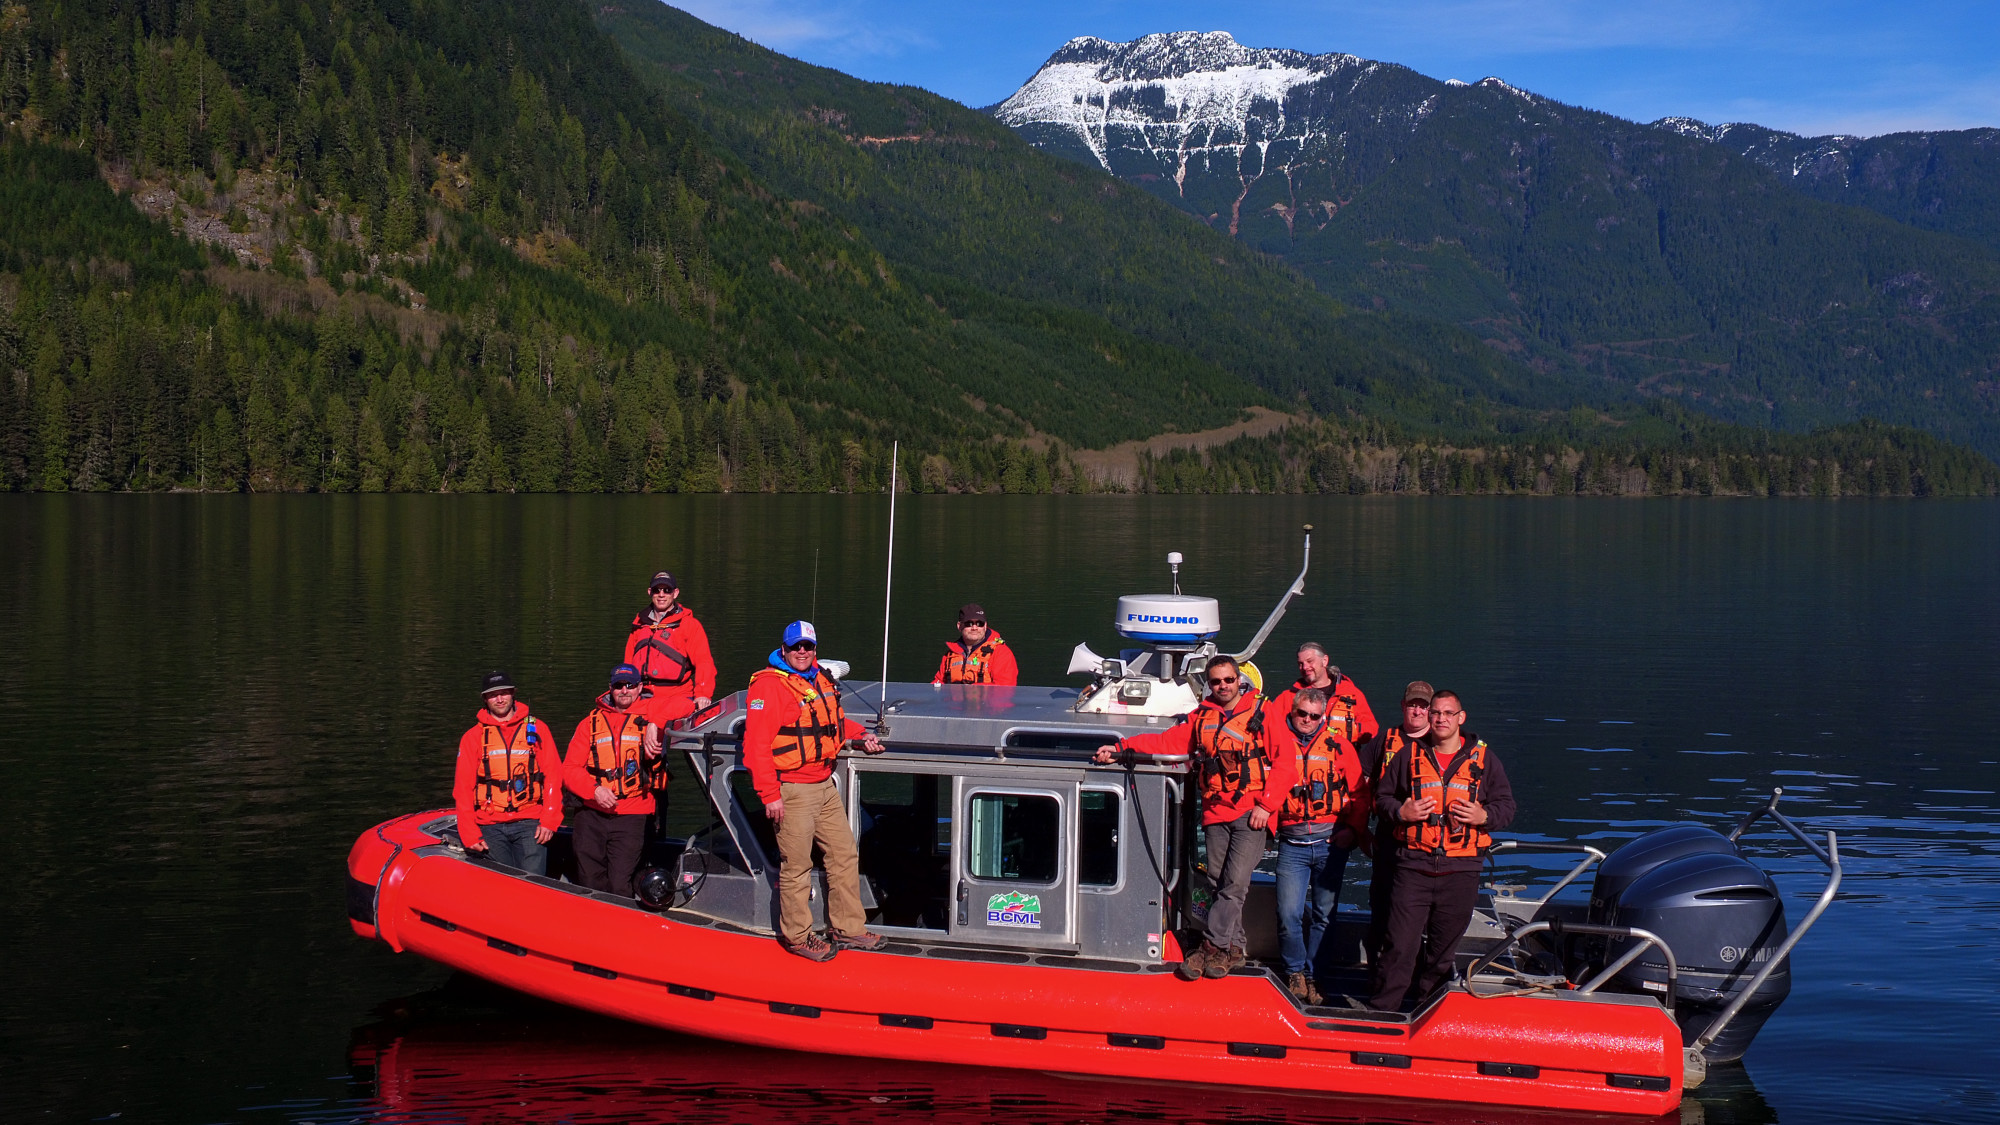 crew fast rescue boat